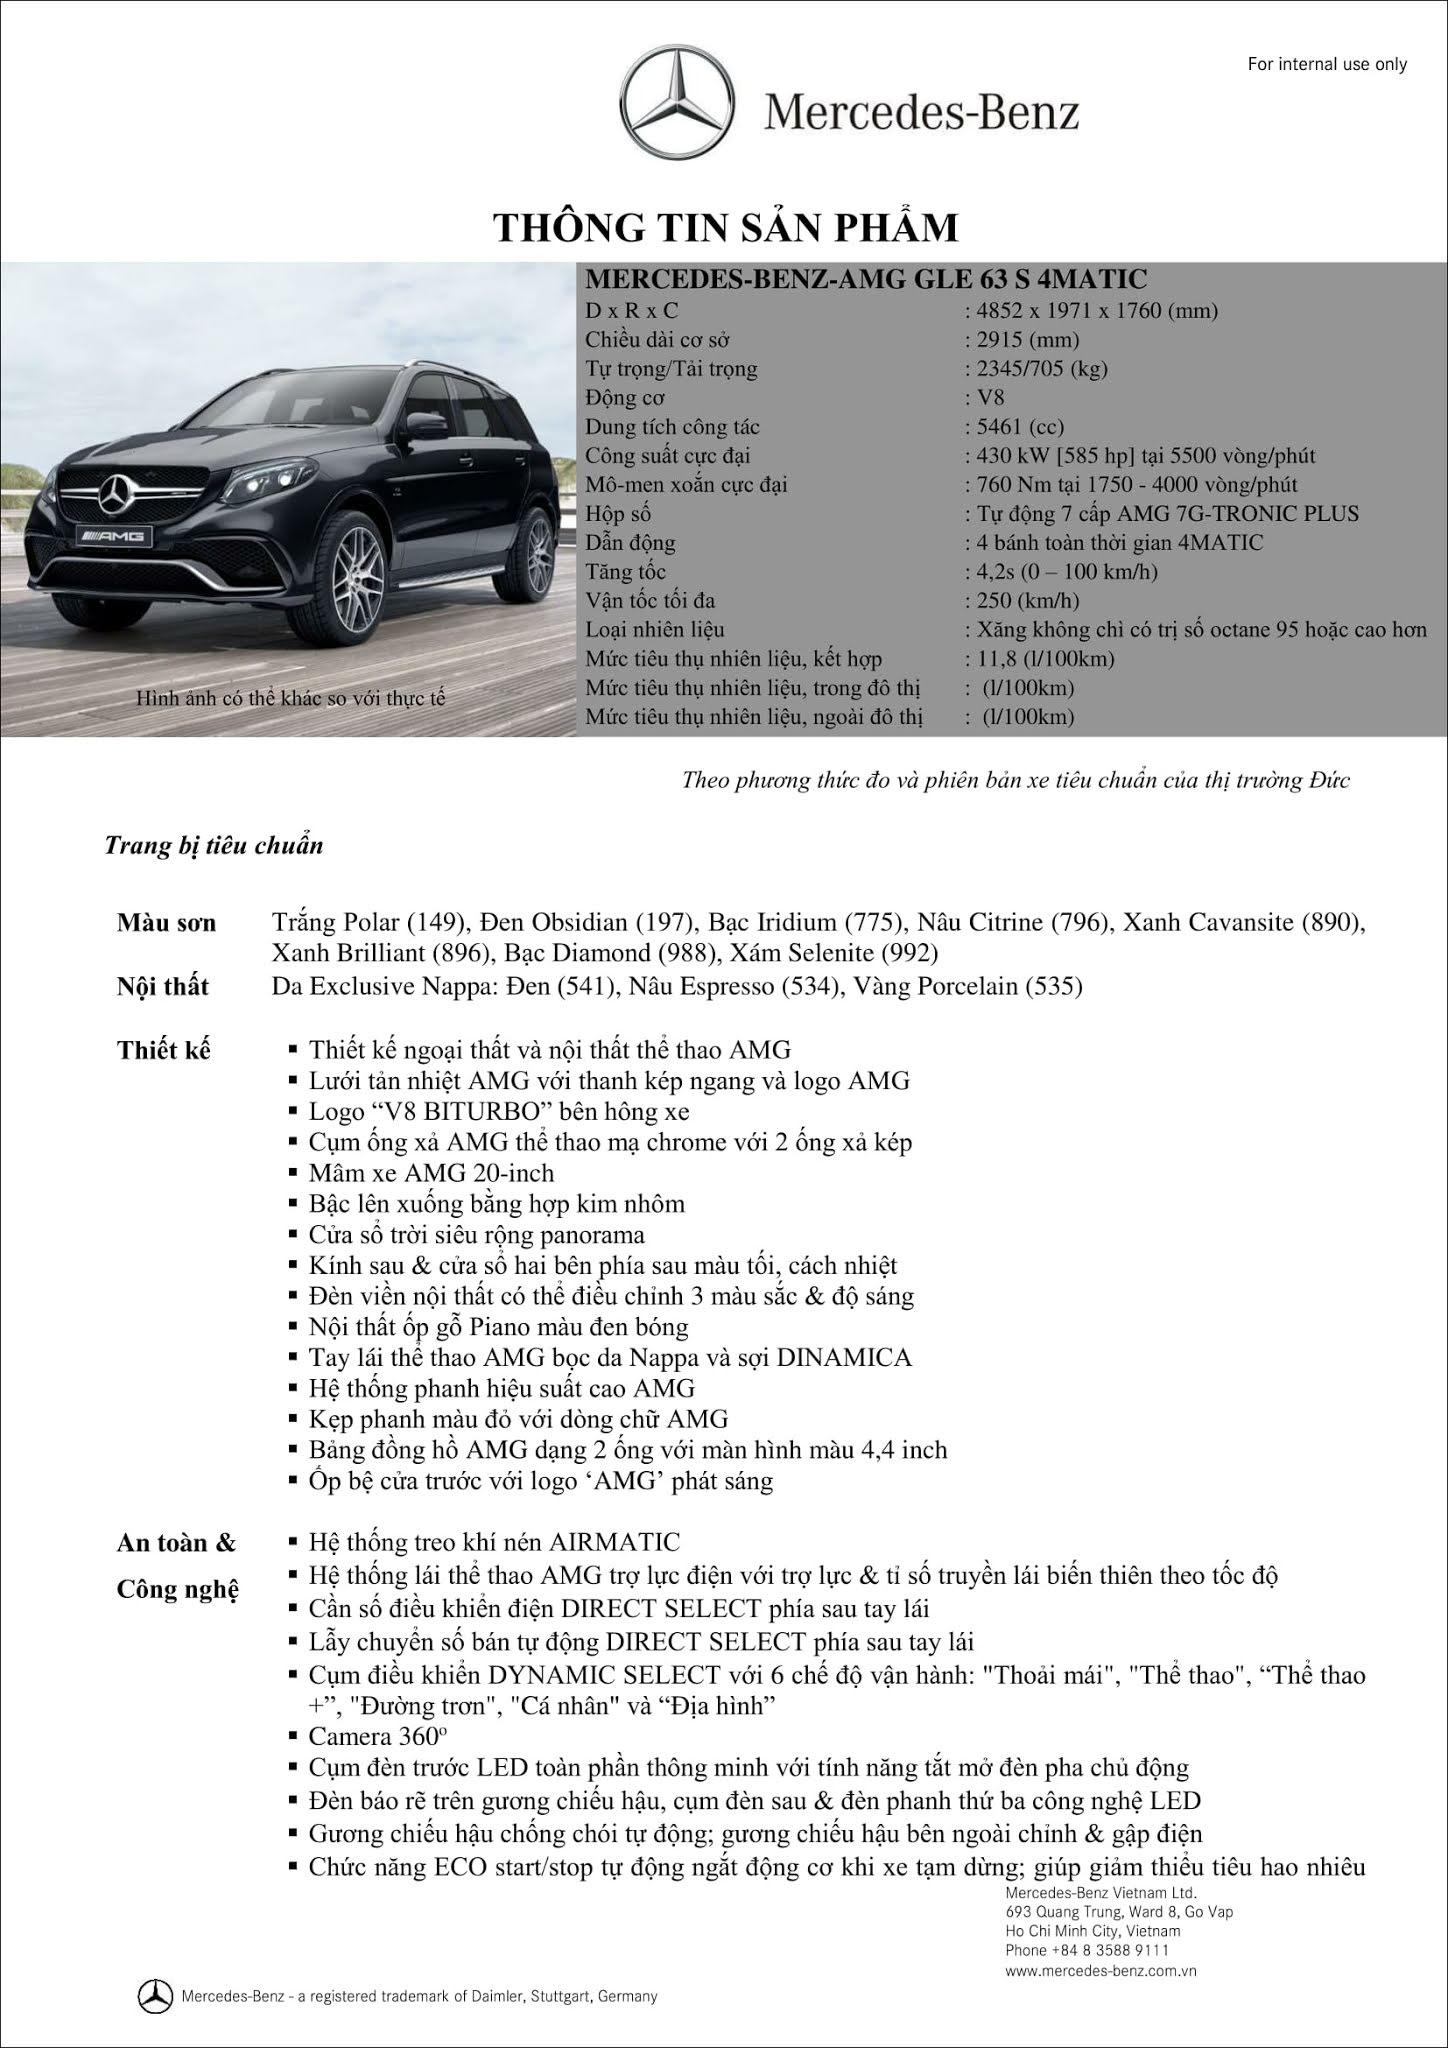 Bảng thông số kỹ thuật Mercedes AMG GLE 63 S 4MATIC 2019